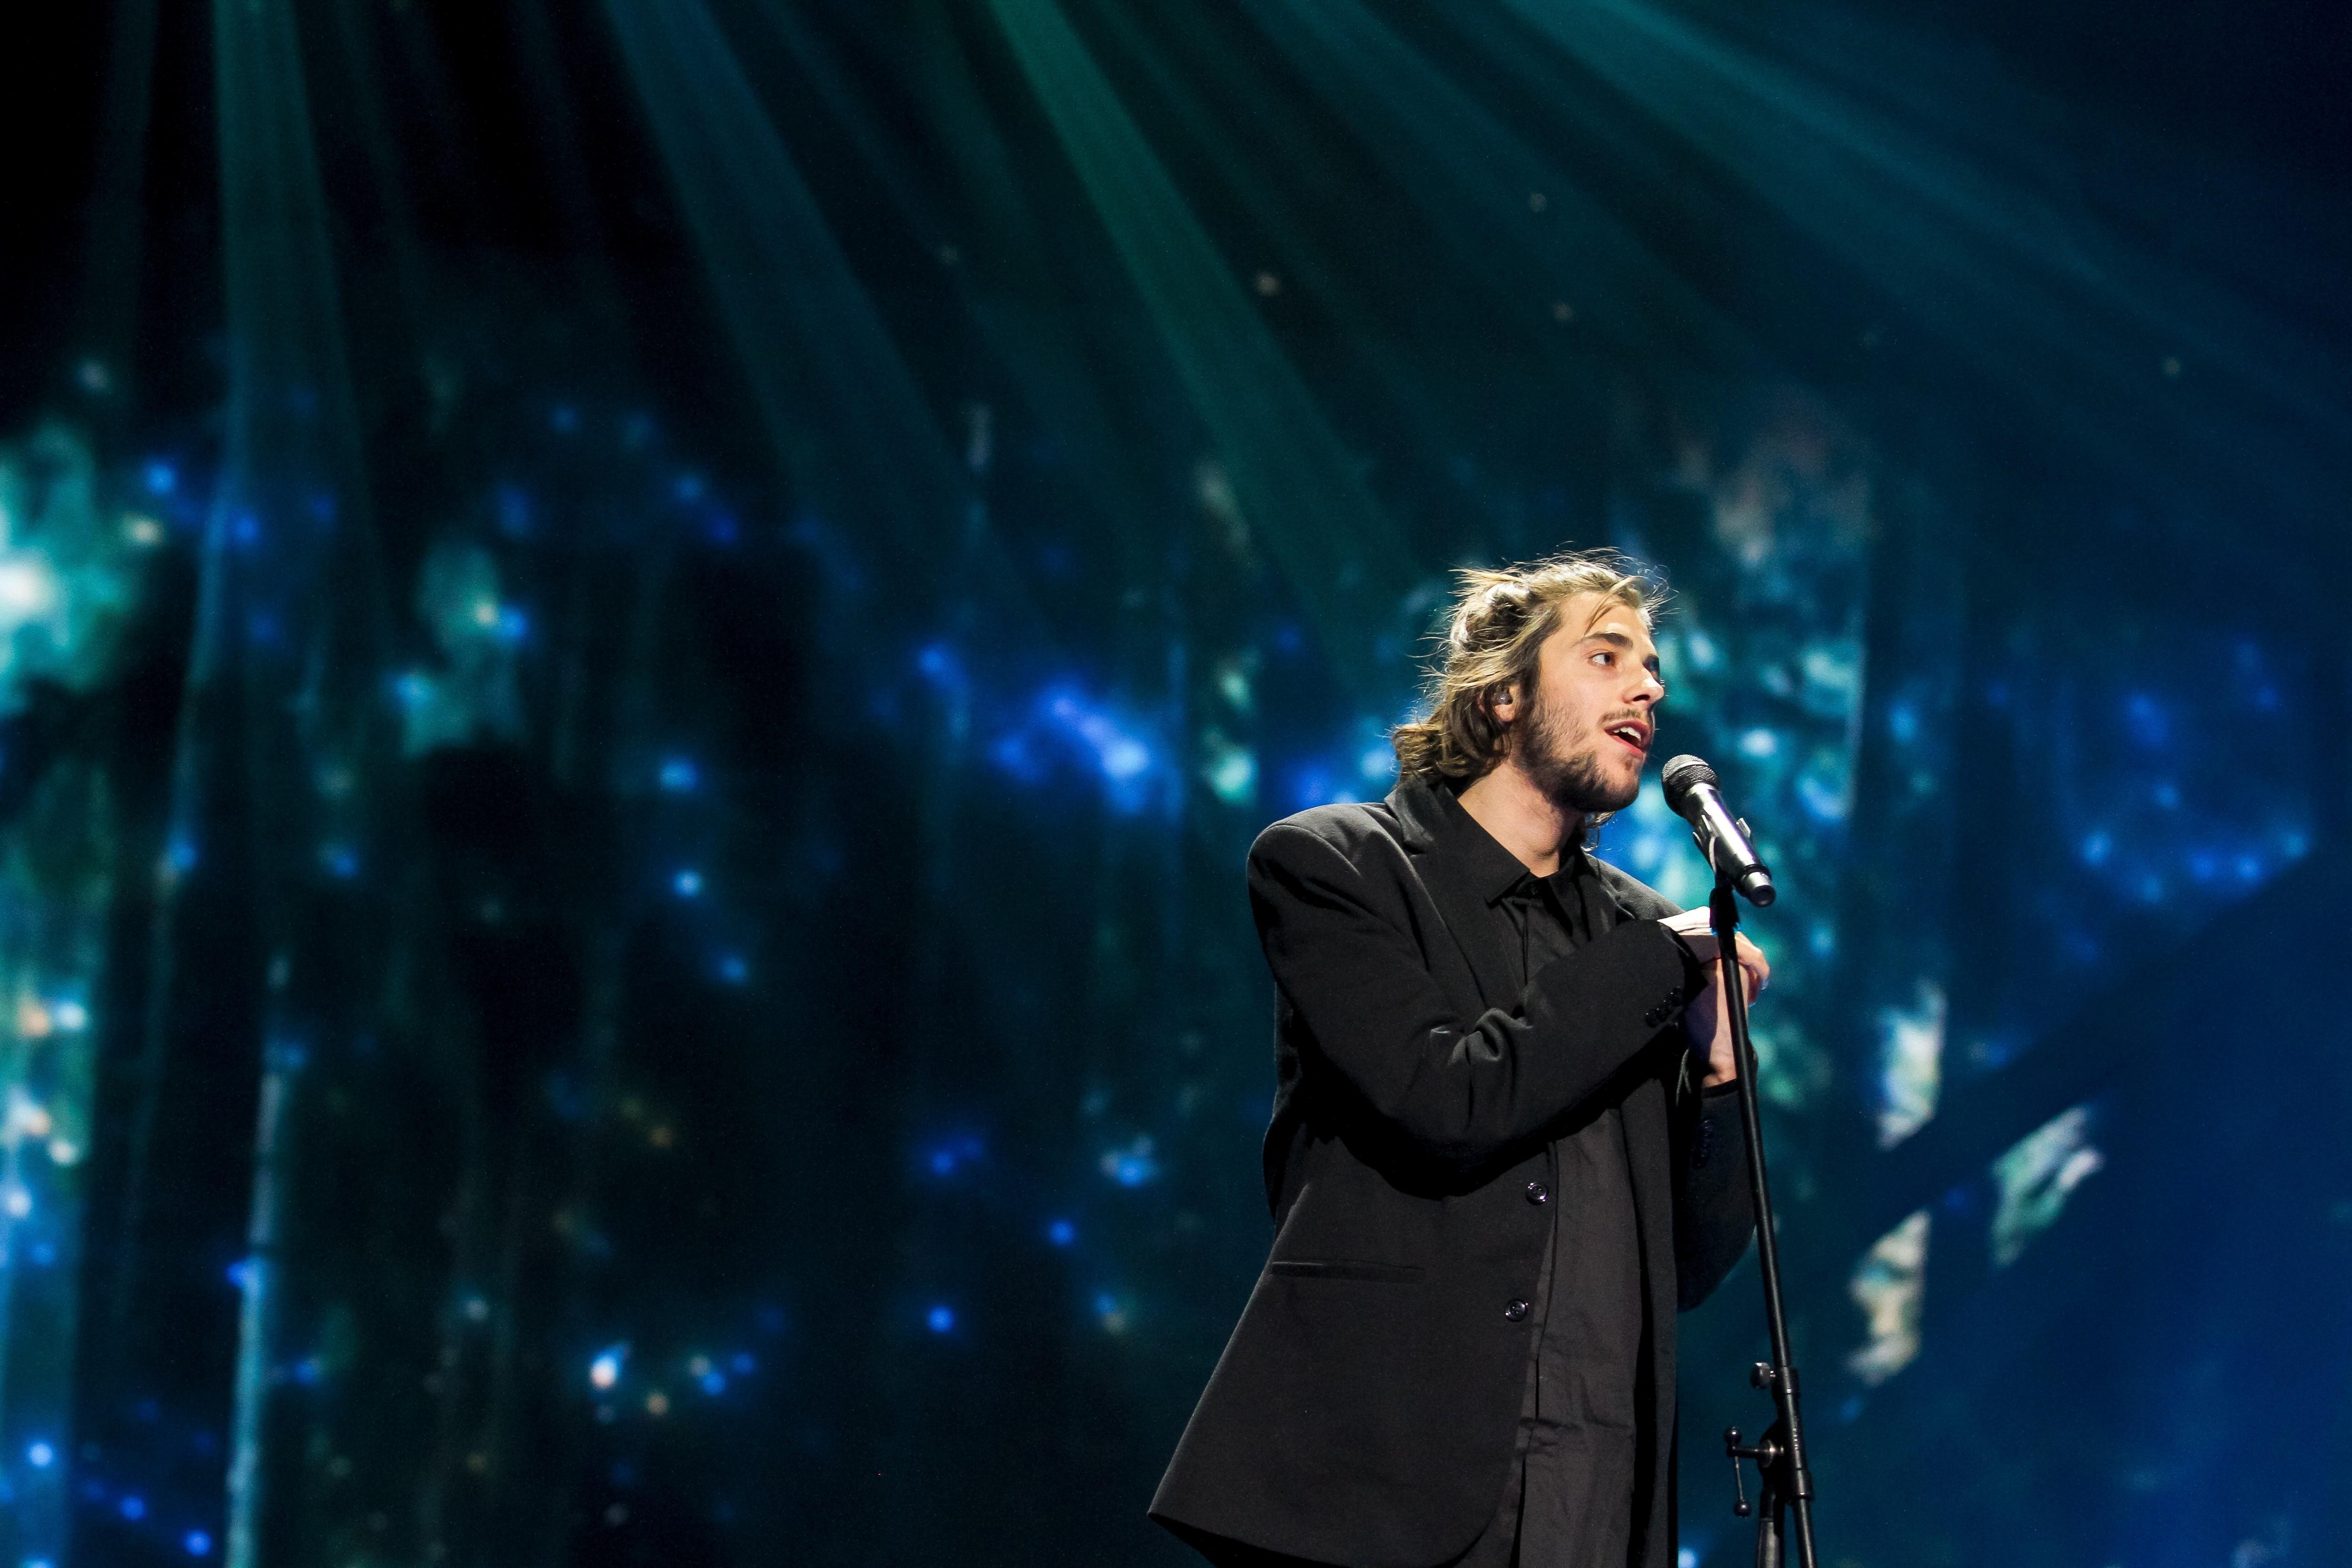 Concorrente da Eurovisão critica discurso de Salvador Sobral